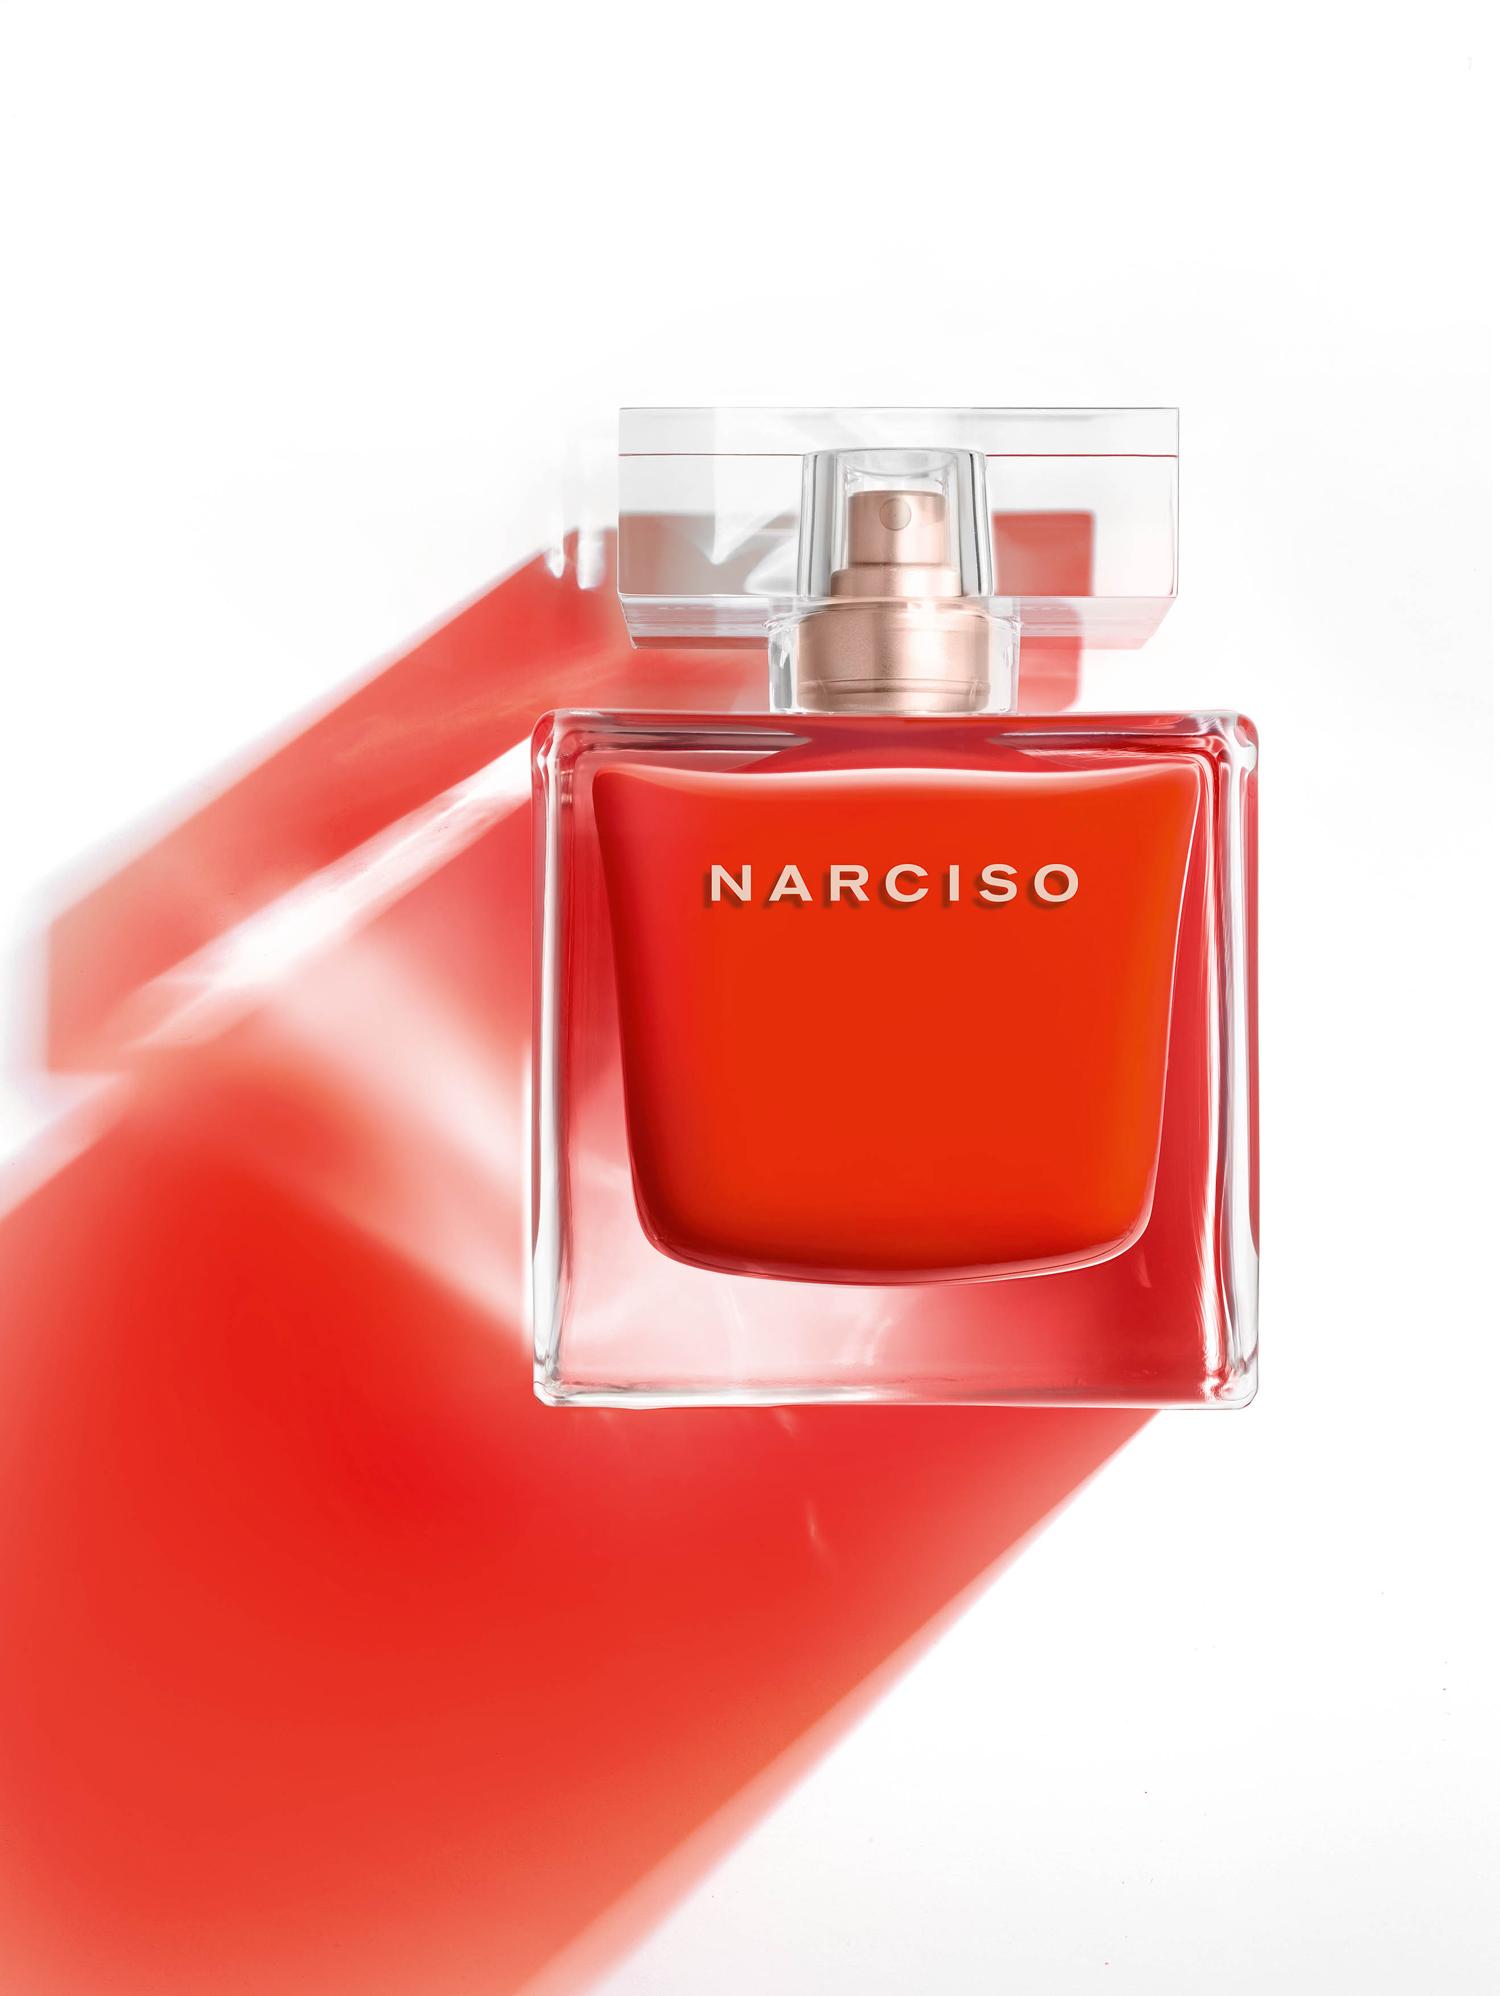 profumo narciso rosso prezzo